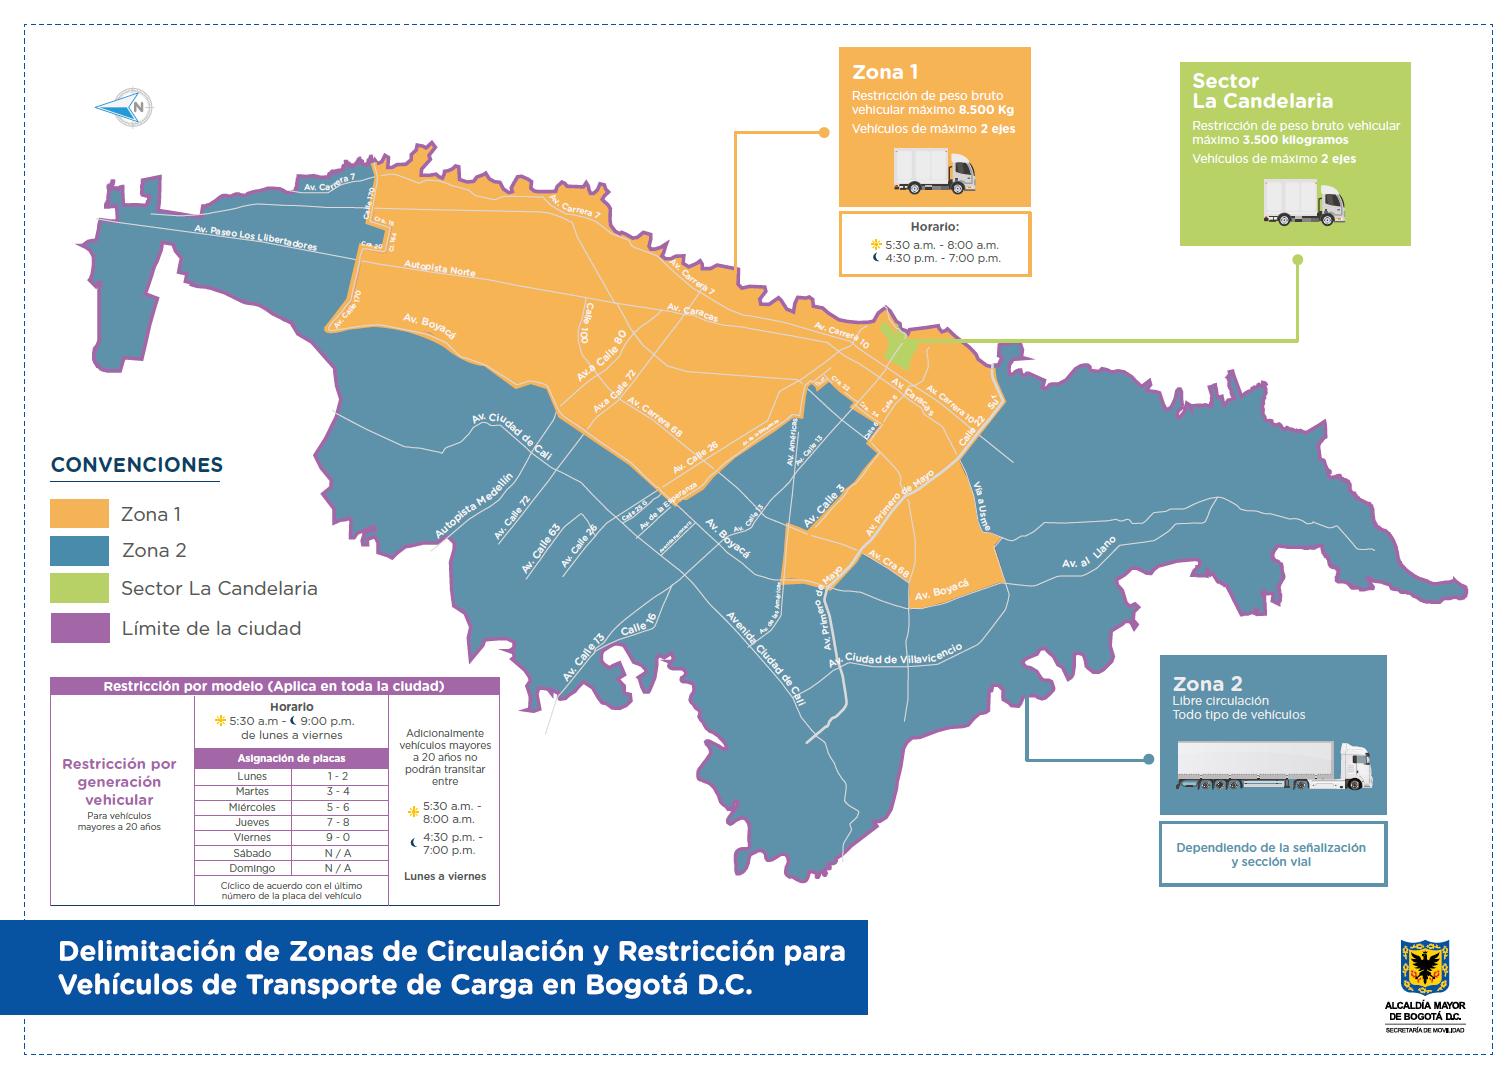 Mapa de las zonas de restricción de carga en Bogotá